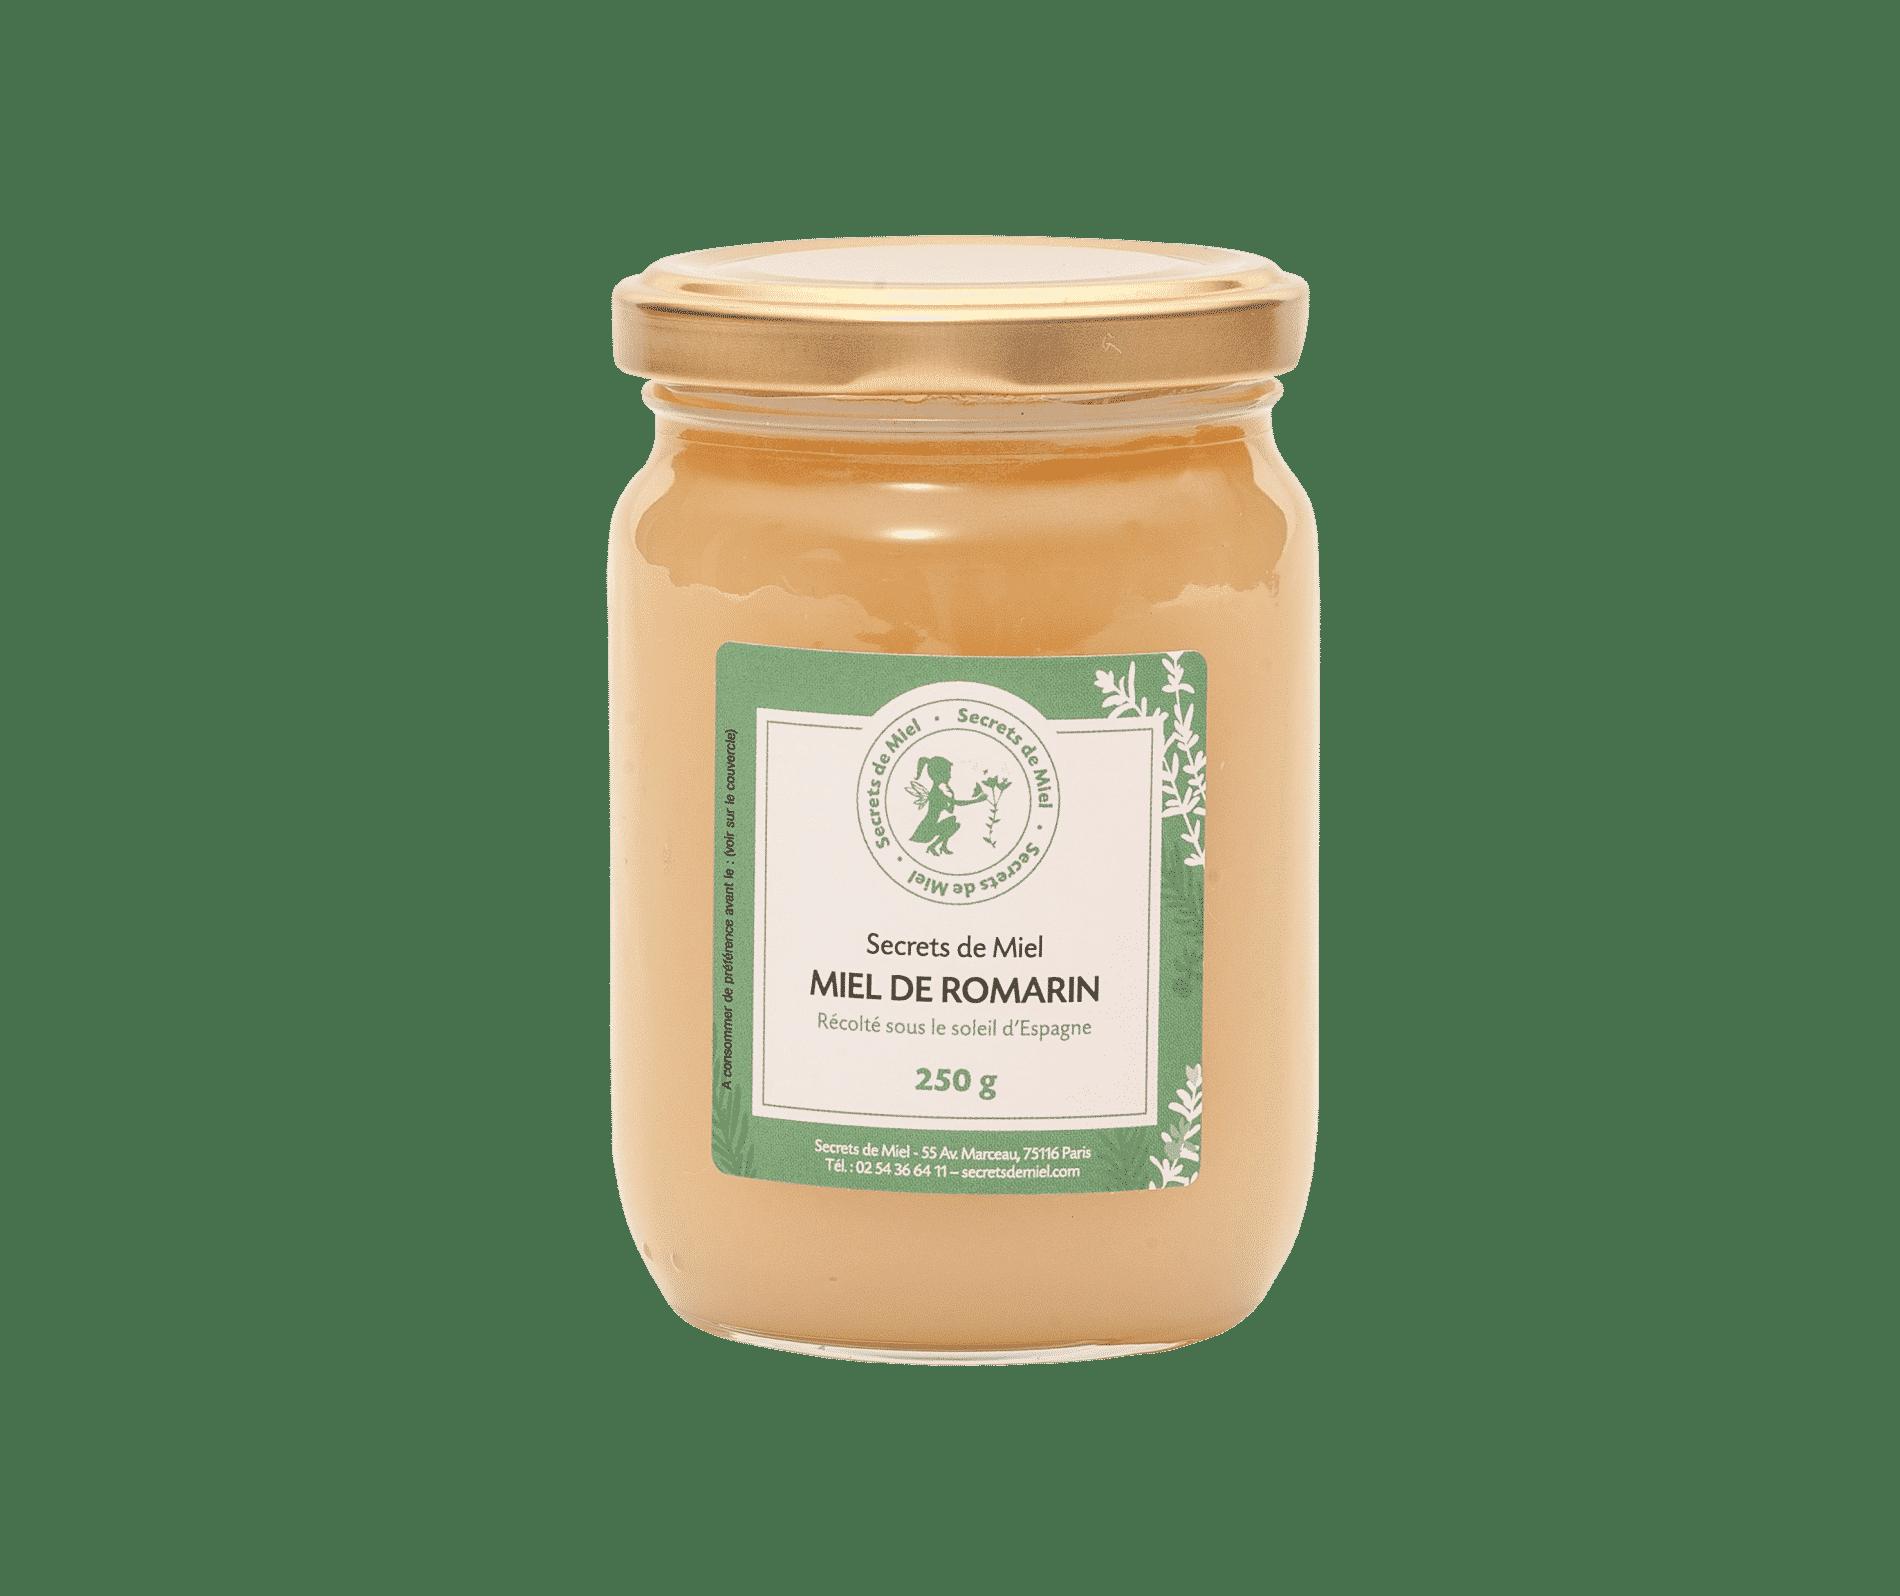 miel de romarin - Secrets de Miel - onctueux - miel crémeux